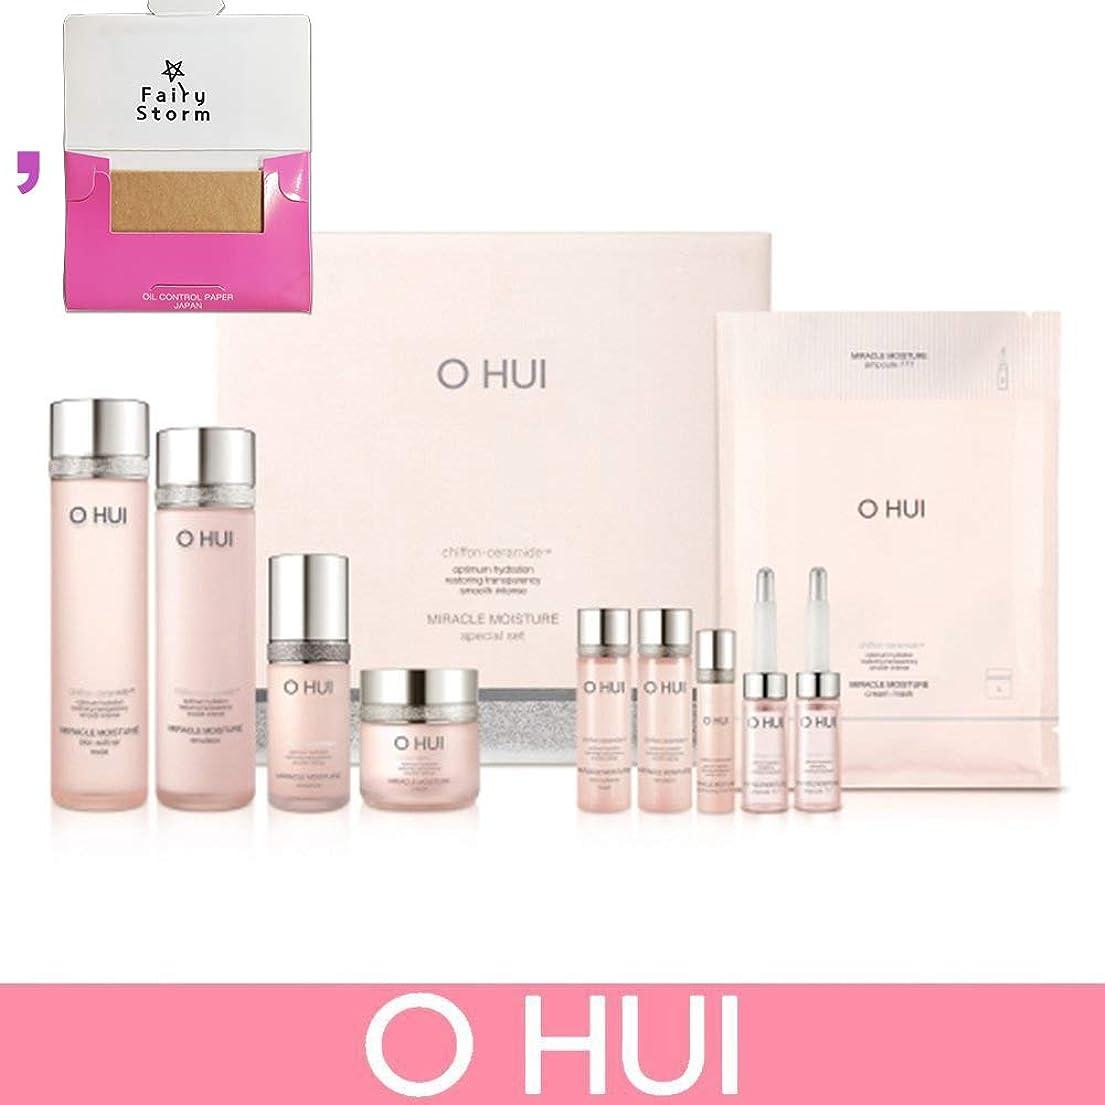 船形データベース声を出して[オフィ/O HUI]韓国化粧品LG生活健康/Miracle Moisture 4 kinds of special set/ミラクルモイスチャー 4種のスペシャルセット+[Sample Gift](海外直送品)